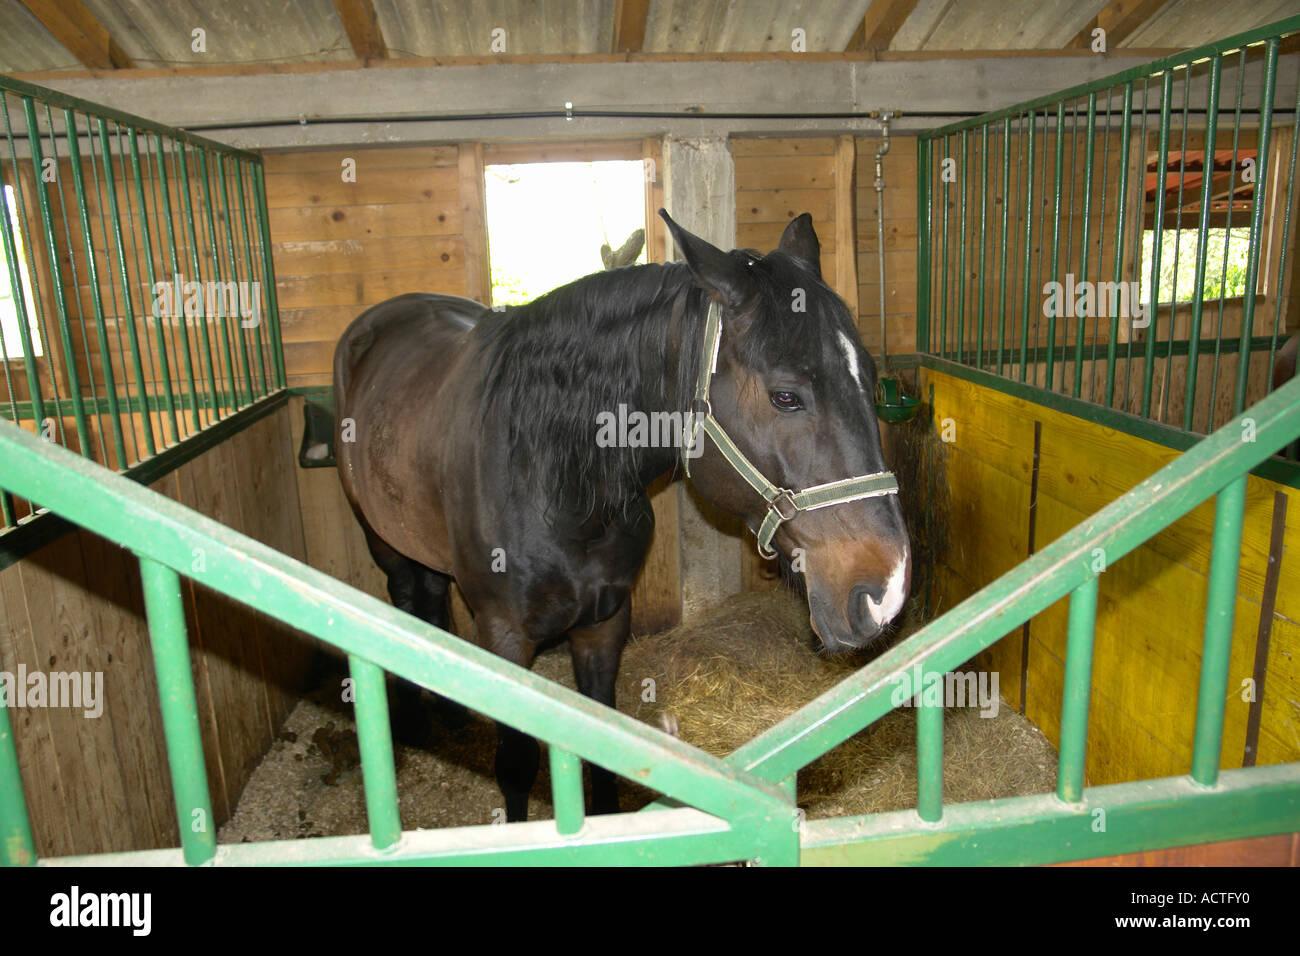 Maneggio e scuola di equitazione a Konavle Valley vicino a Cavtat a sud di Dubrovnik Adria Dalmazia Adriatico Croazia Immagini Stock